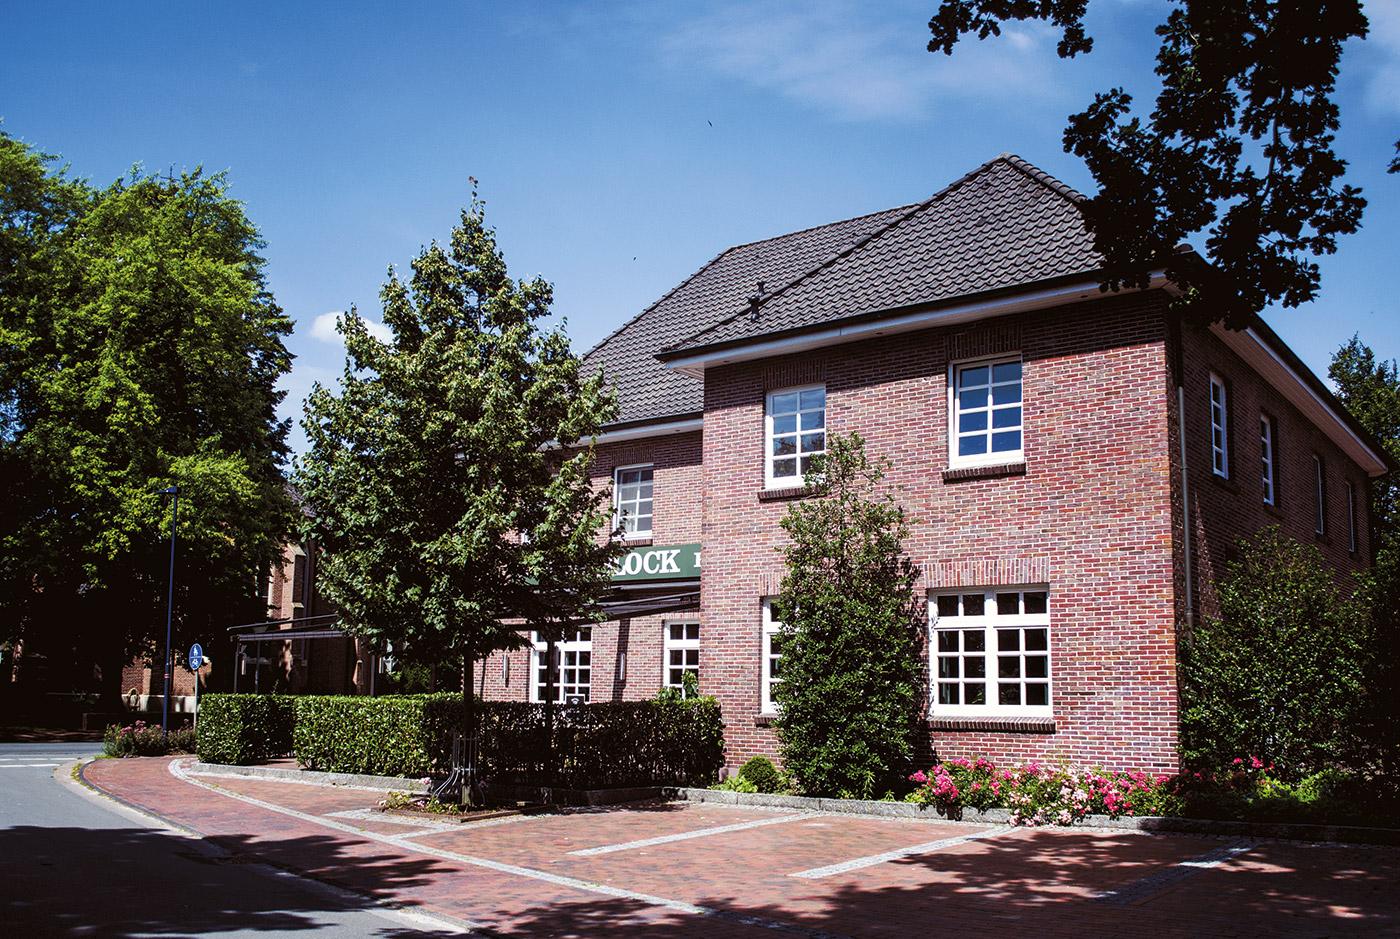 Gasthaus Block